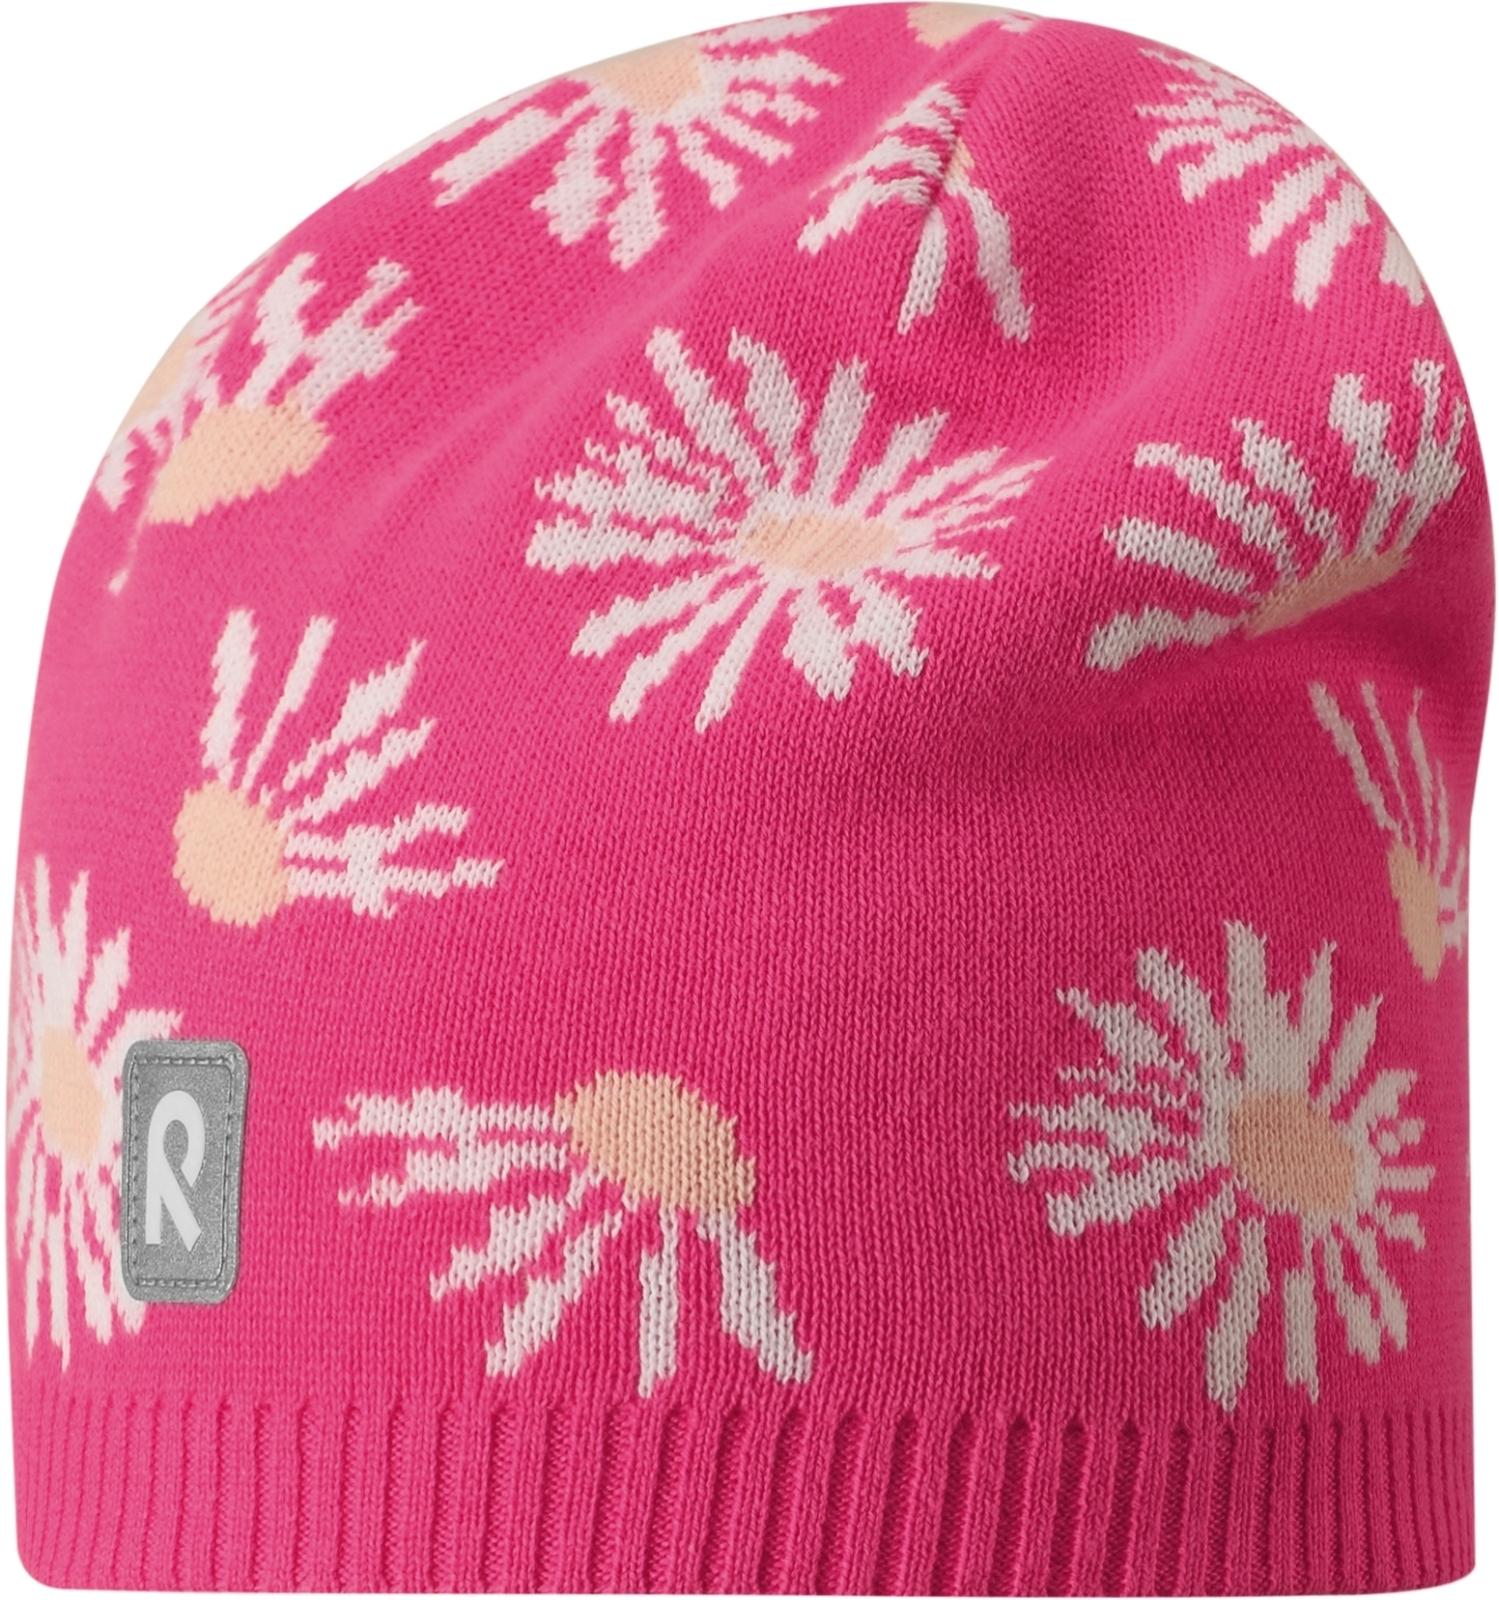 Dětská čepice Reima Lehto - candy pink - Skibi Kids 01a397cbad